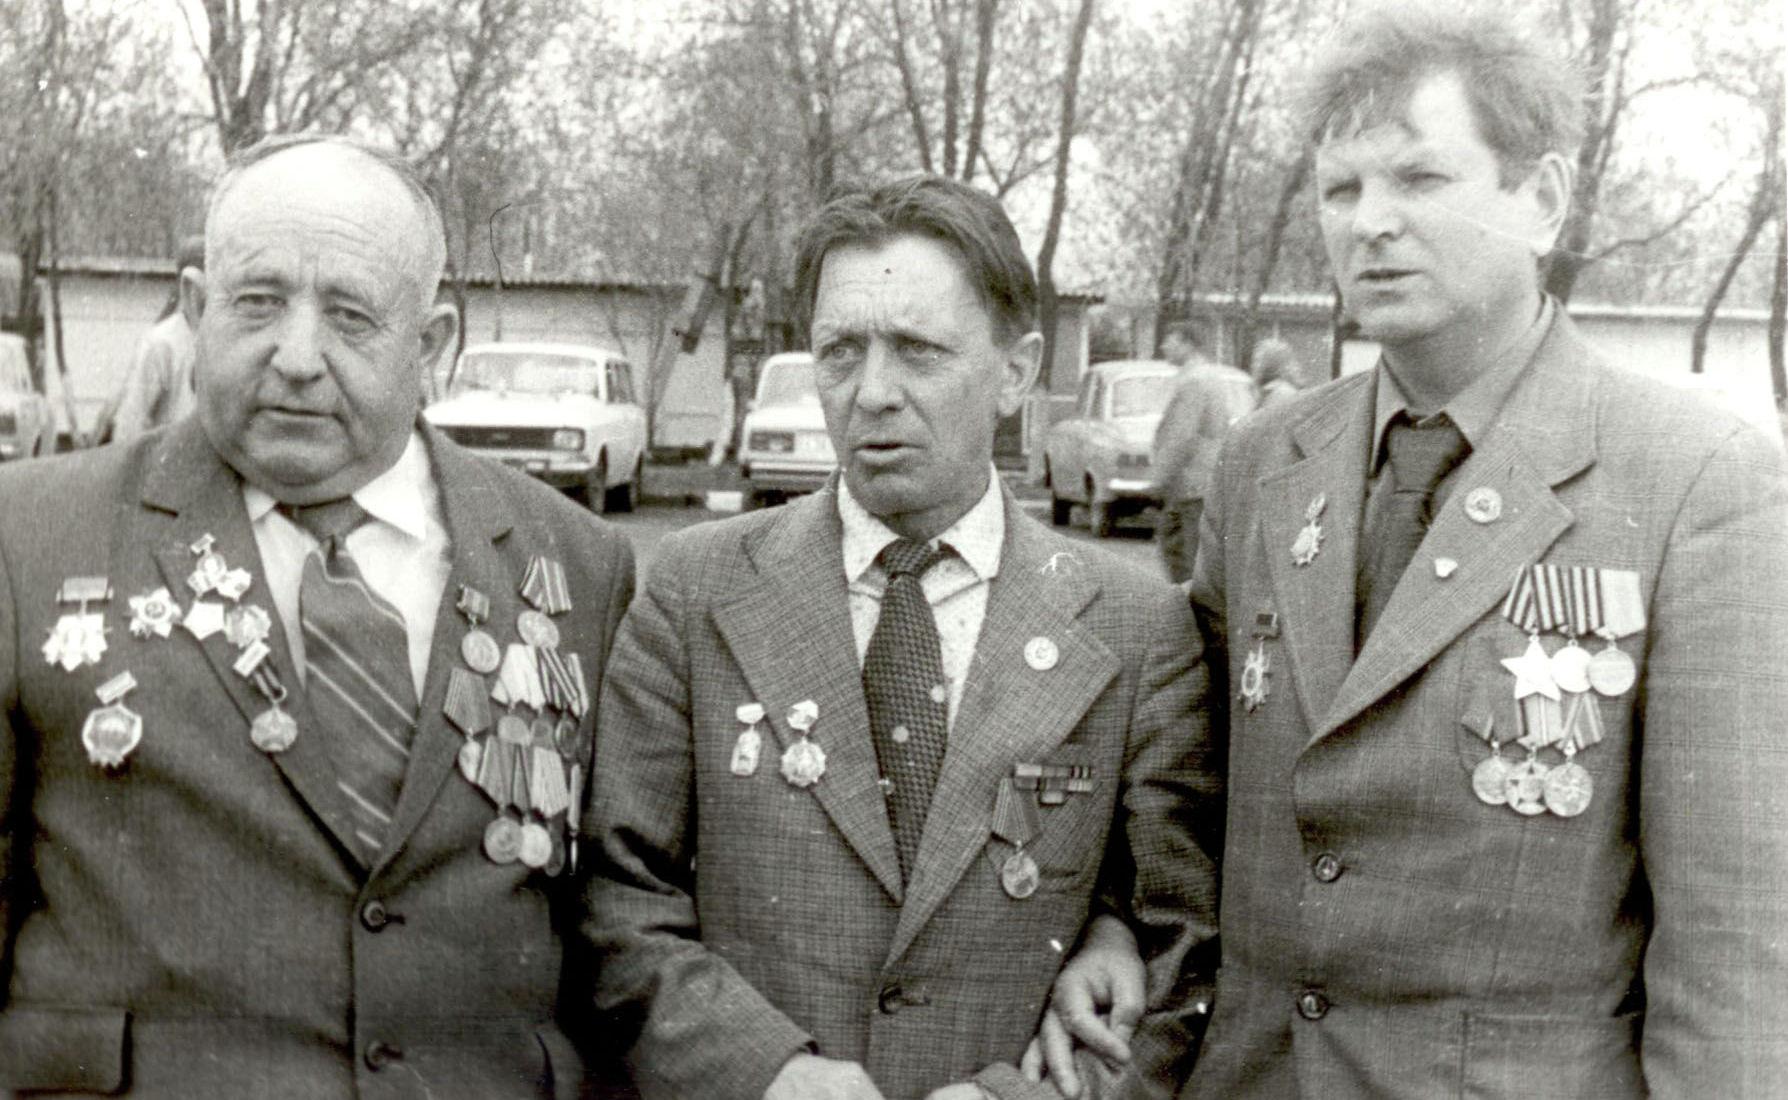 Самый маленький солдат Красной Армии во время ВОВ Сережа Алешков